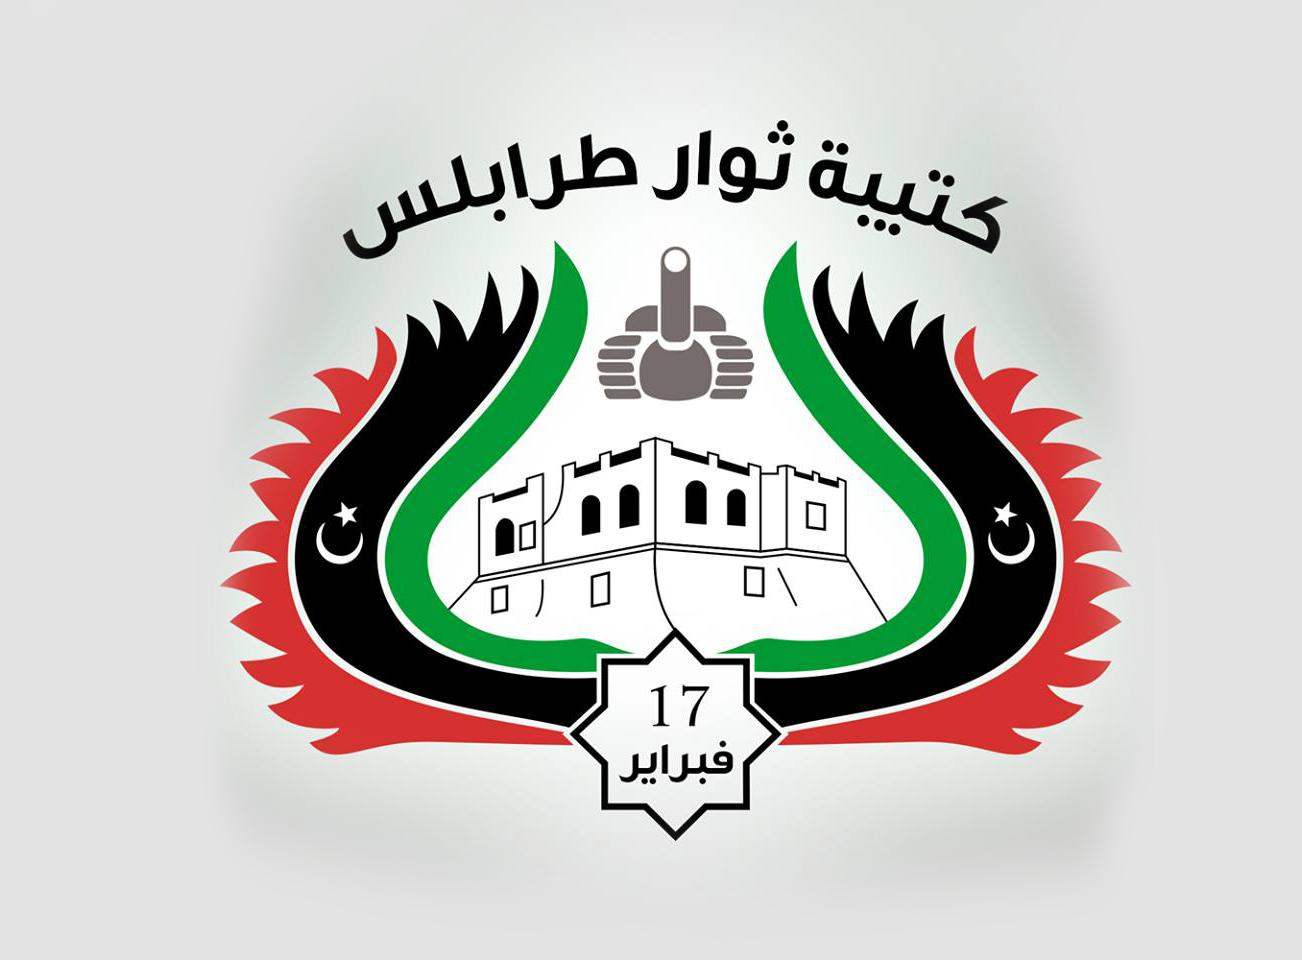 """صورة كتيبة ثوار طرابلس تنفض يدها من """"اتفاق بوستة"""""""